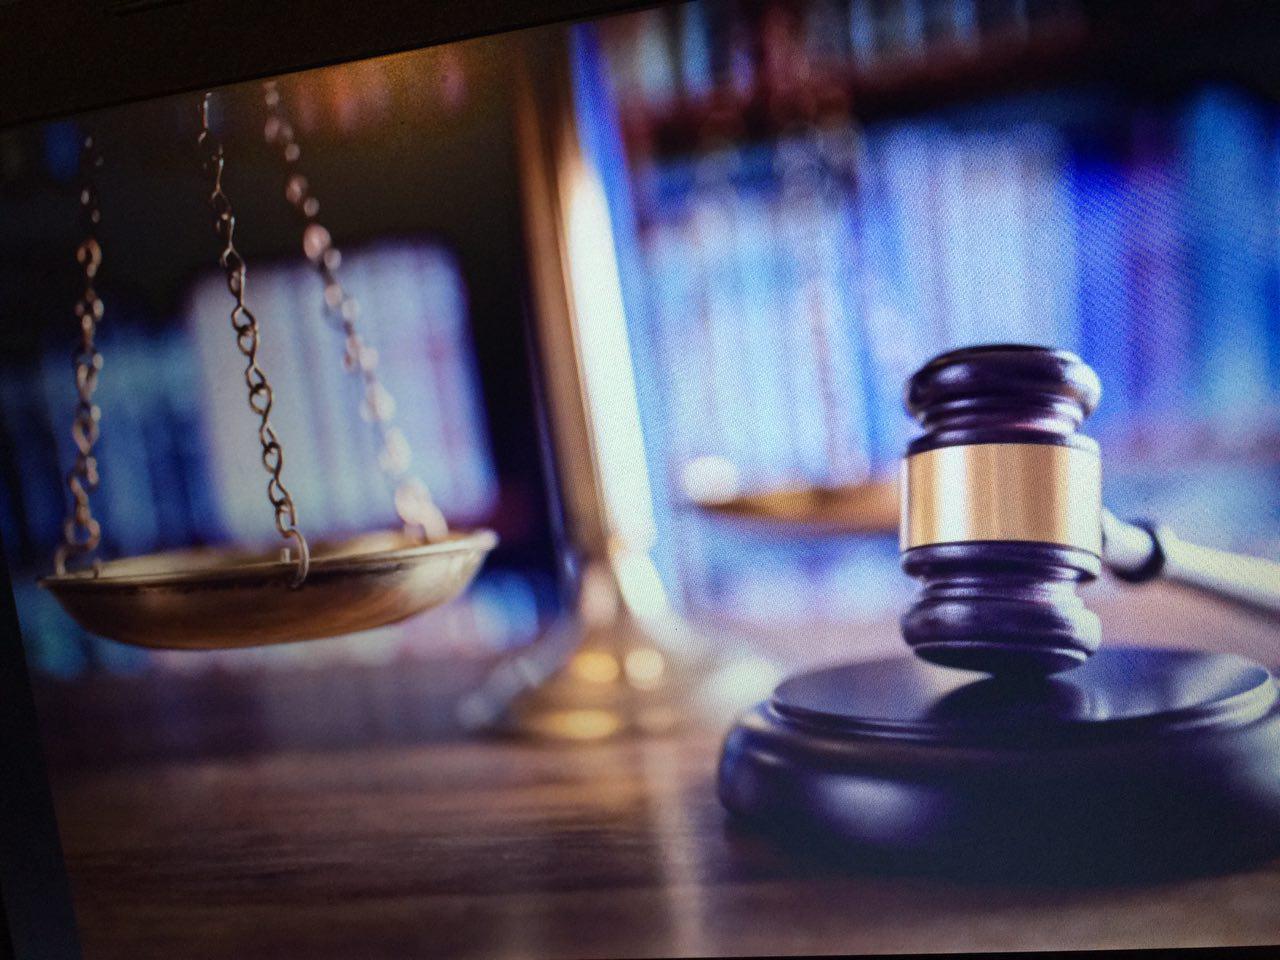 Как узнать задолженность судебных приставов онлайн?